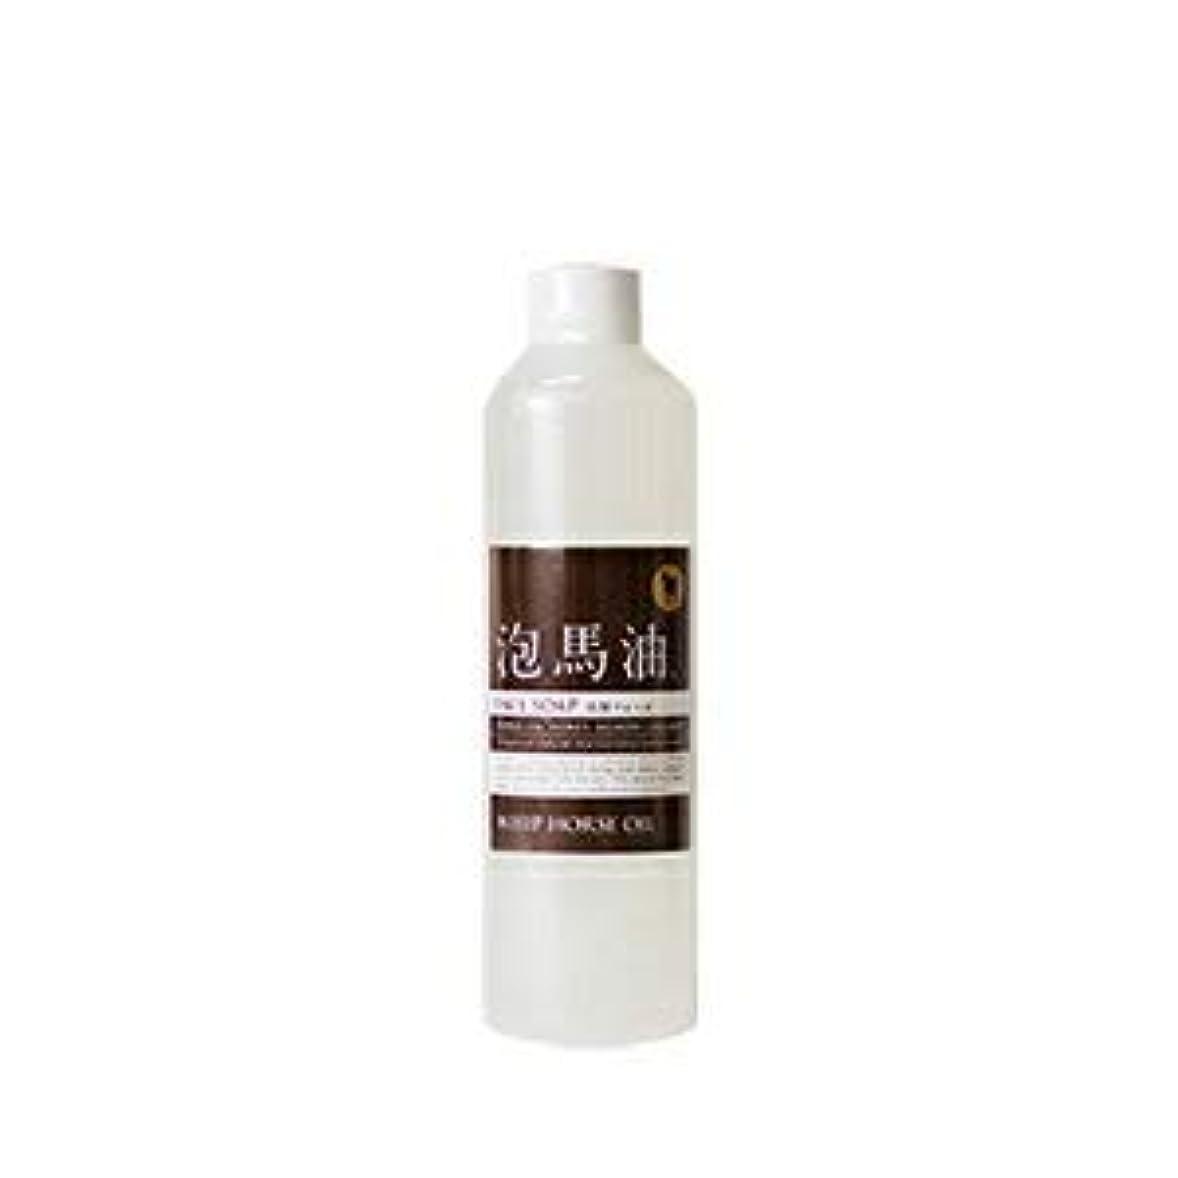 認める耐久はさみ洗顔フォーム 馬油配合 泡馬油 詰め替え用300ml